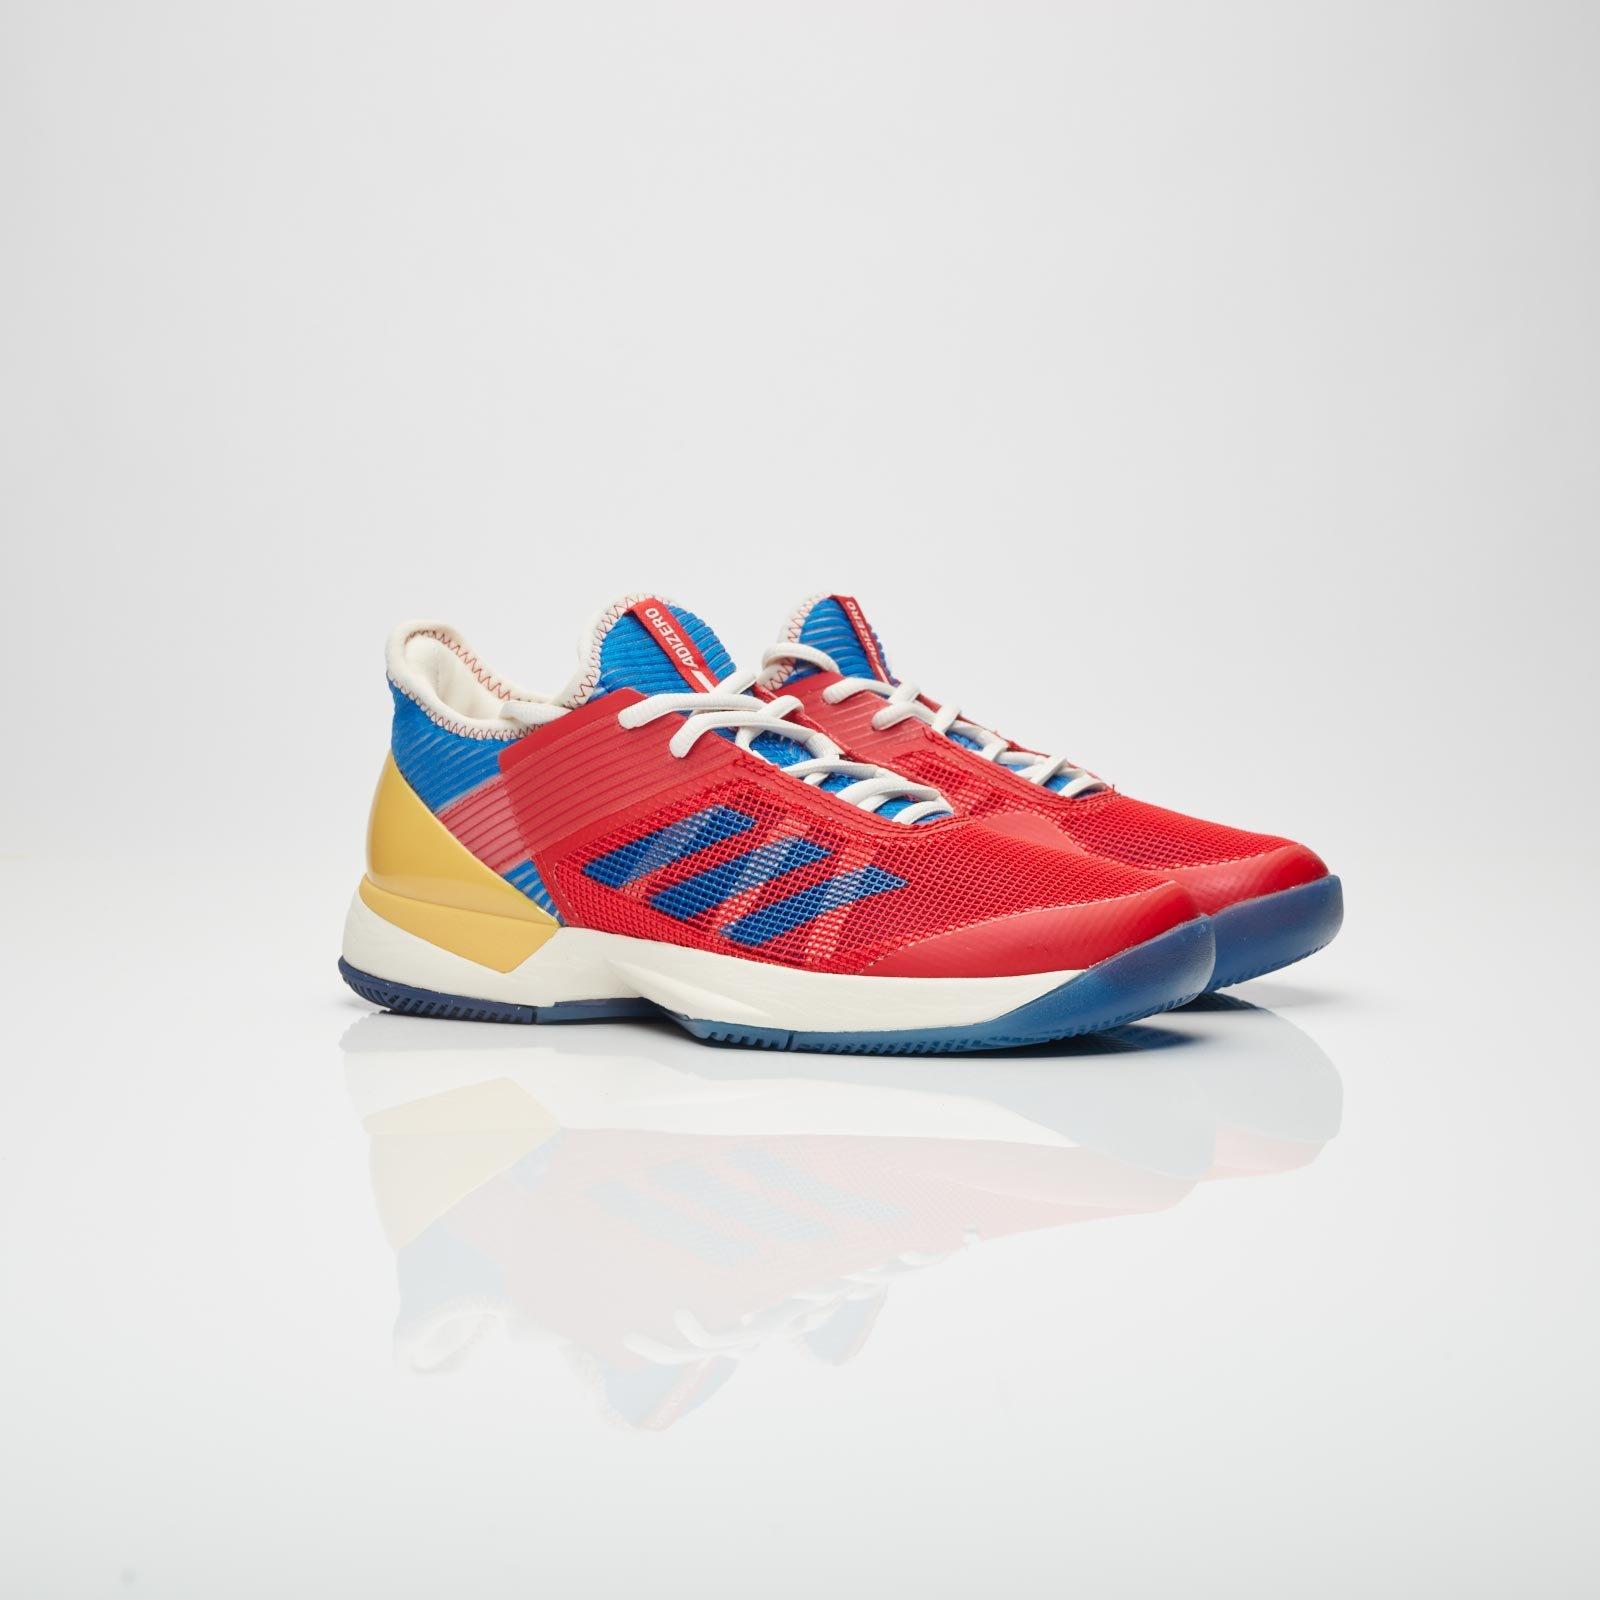 c0dc821aa adidas Adizero Ubersonic 3 W PW - S81005 - Sneakersnstuff